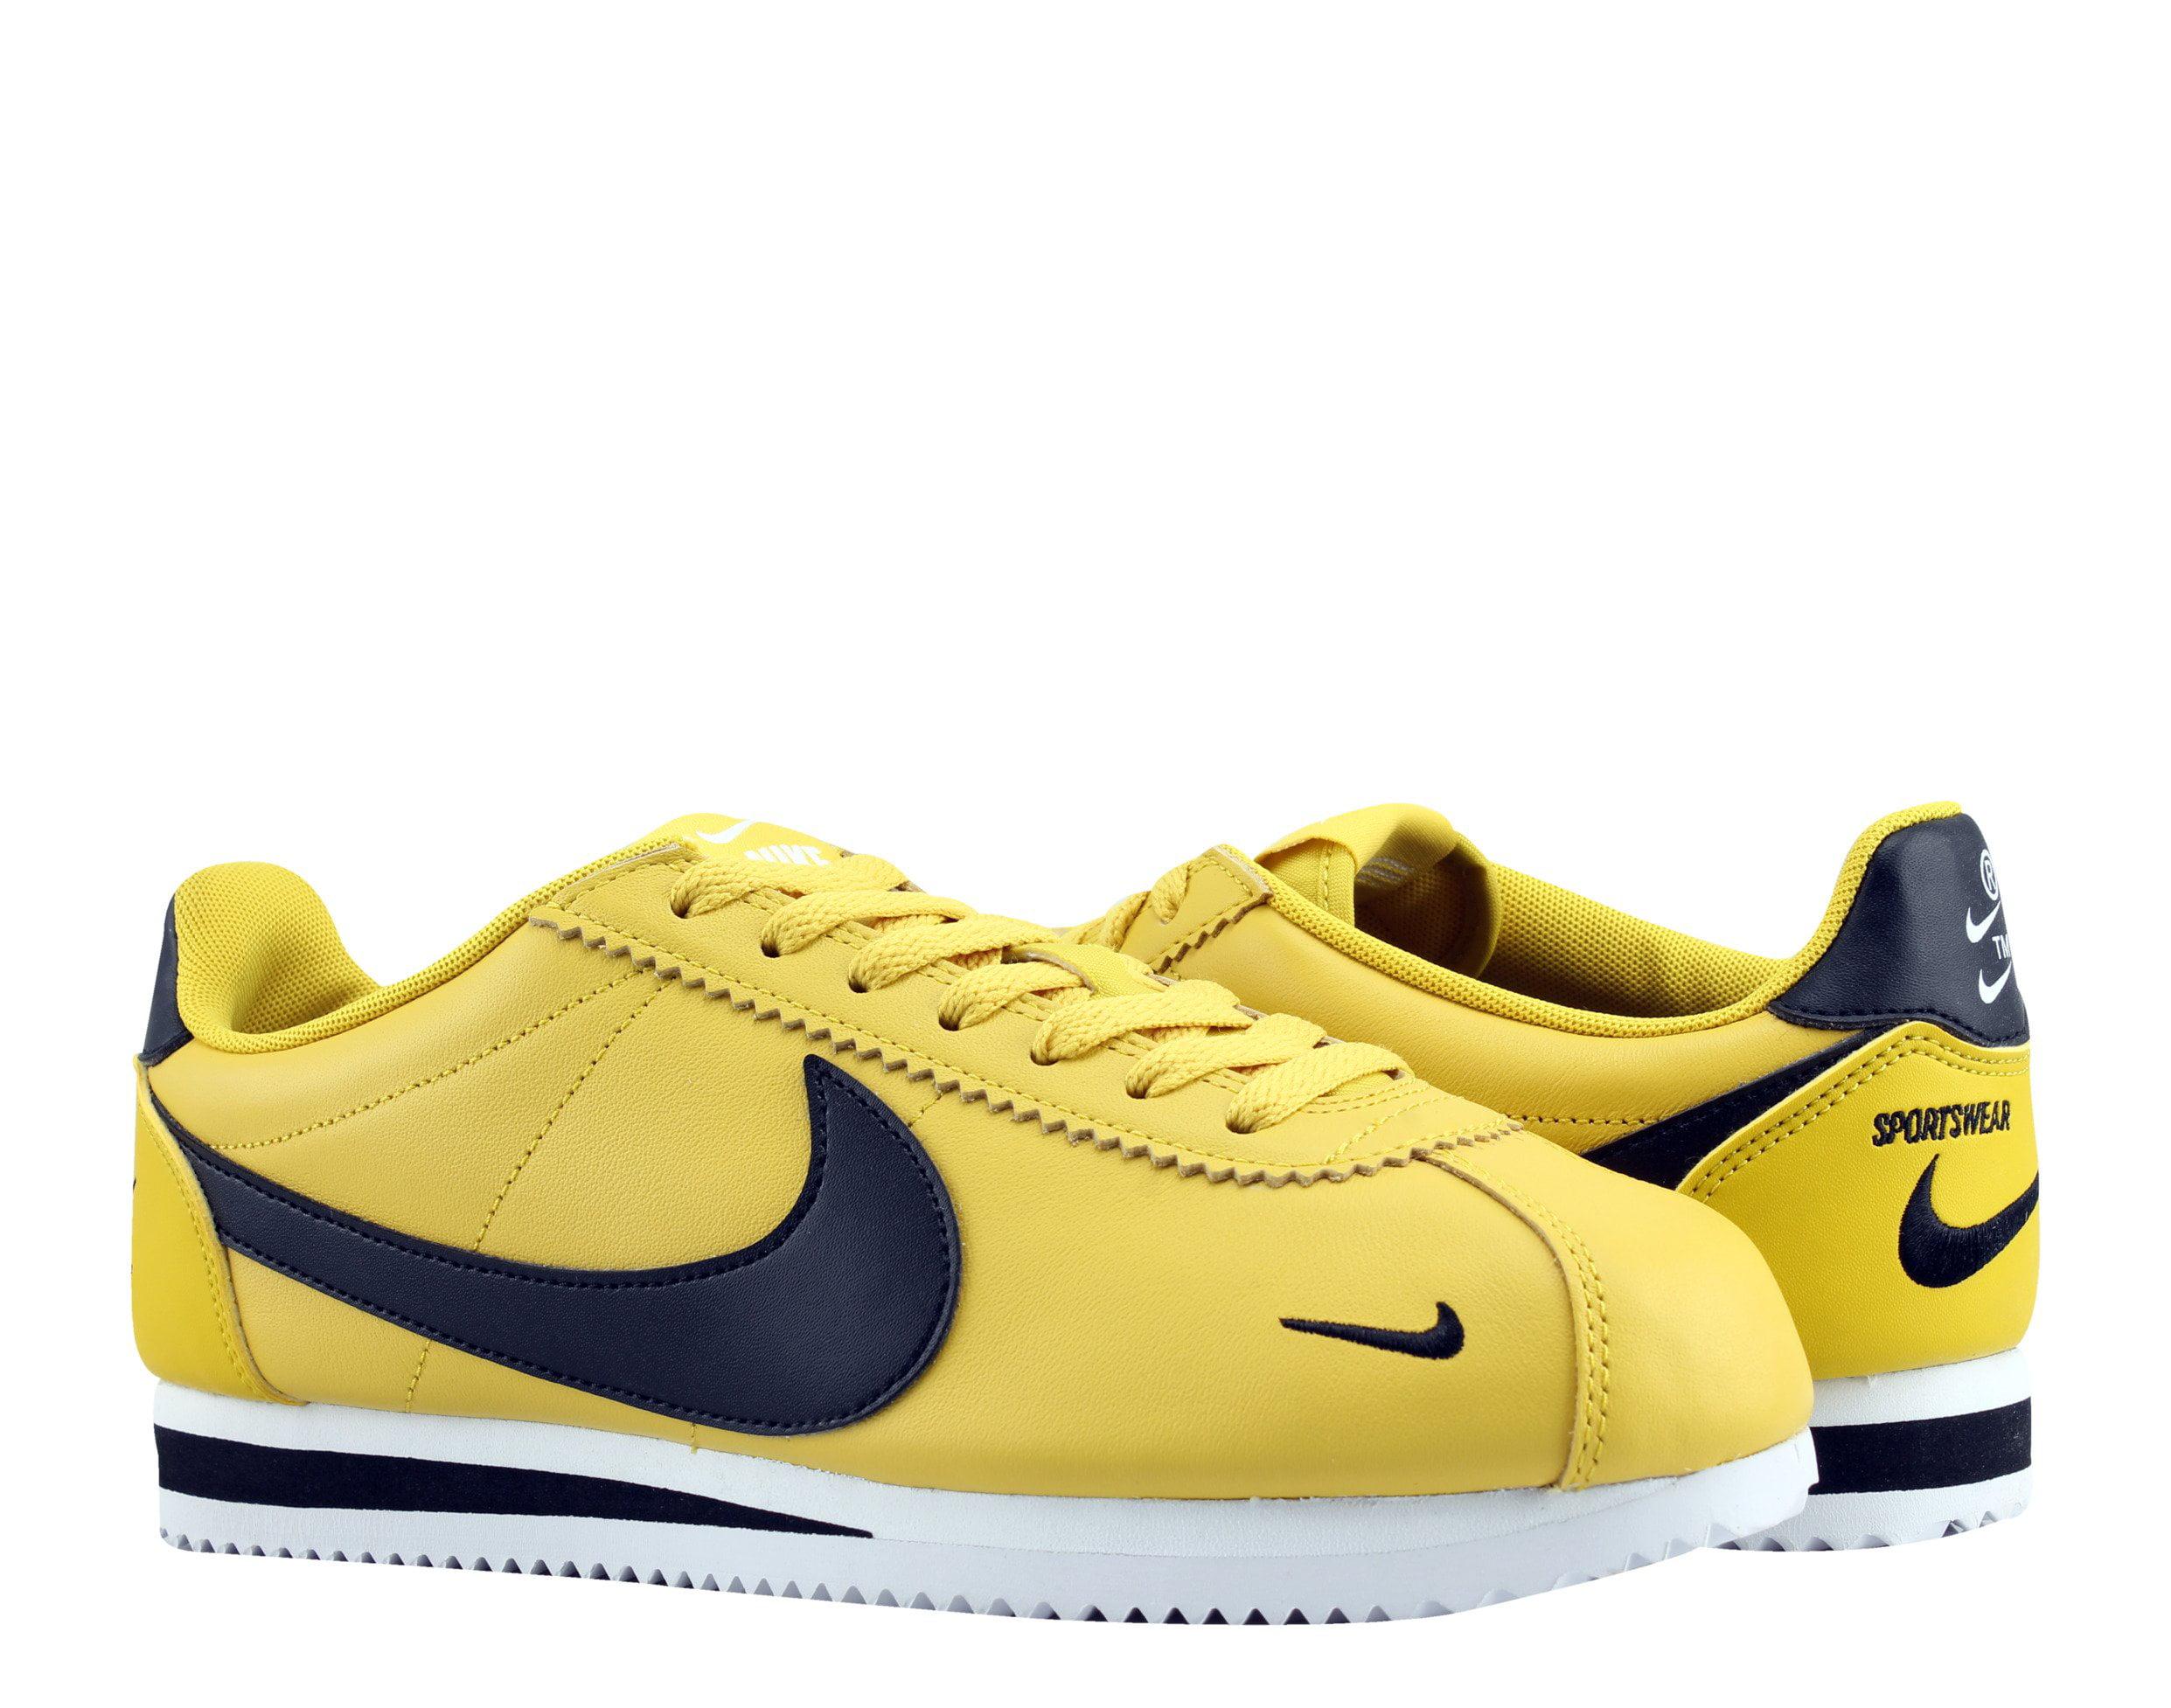 Running Shoes 807480-700 - Walmart